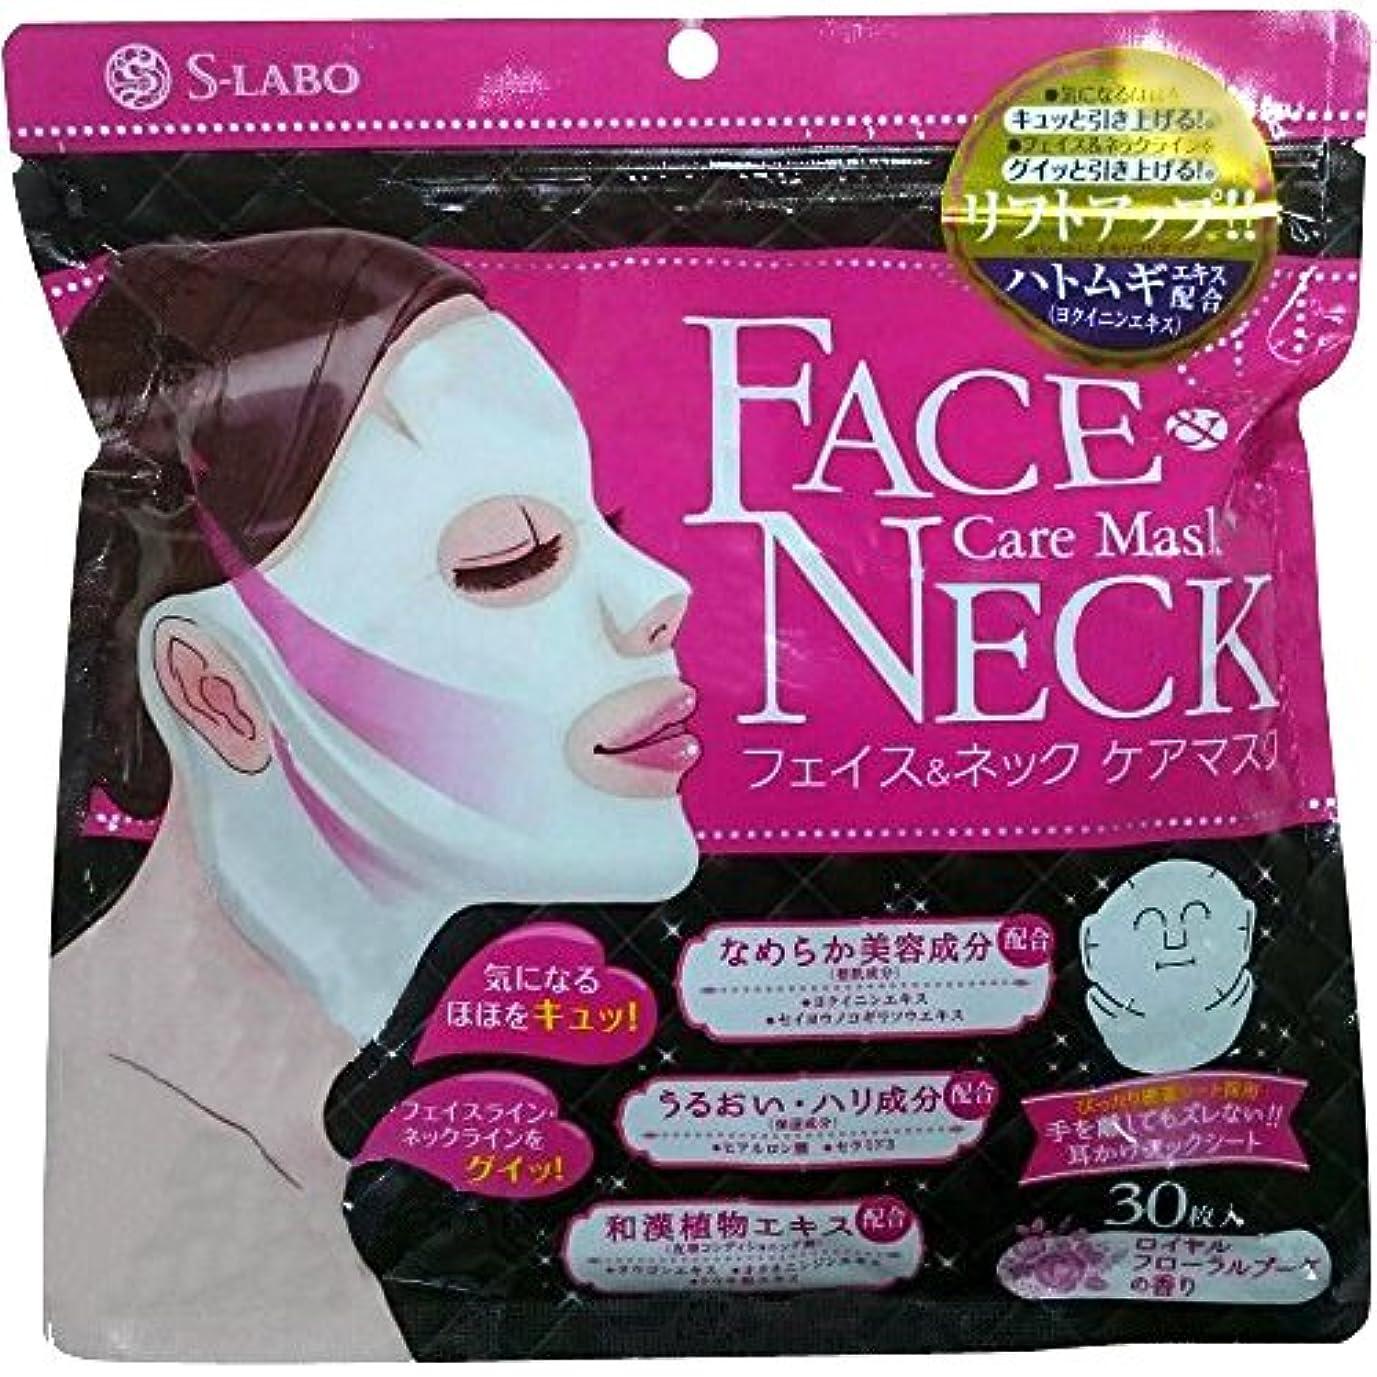 まどろみのあるうがいリブS-LABO フェイス & ネックケアマスク (30枚入)